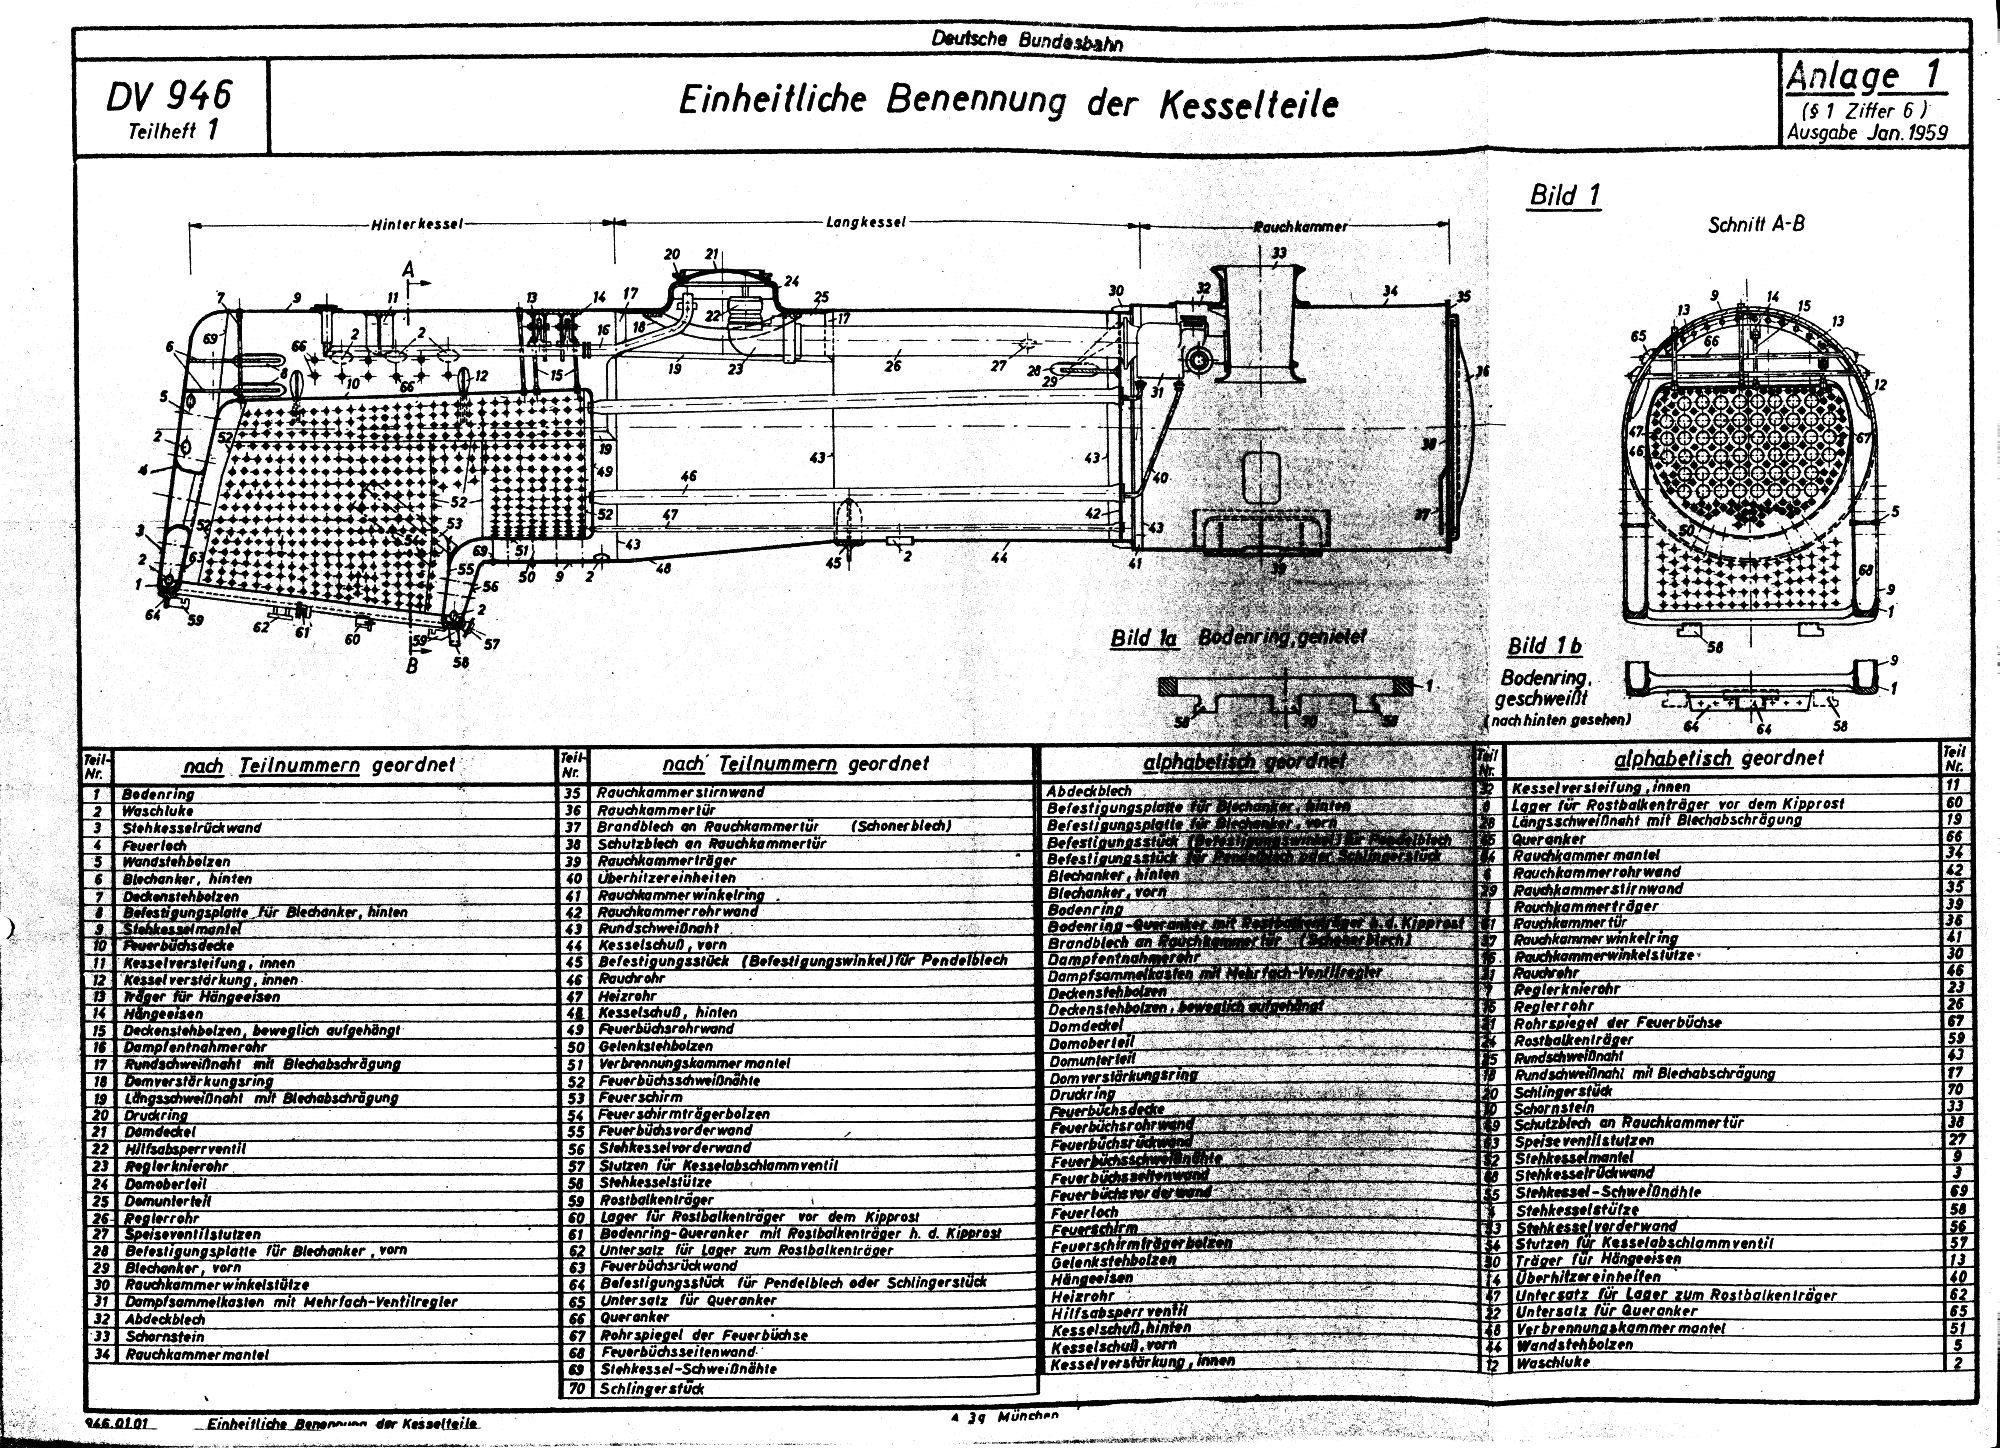 Dampfkessel-Instandsetzung - Oldtimer - Restauration - Baumaschinen ...